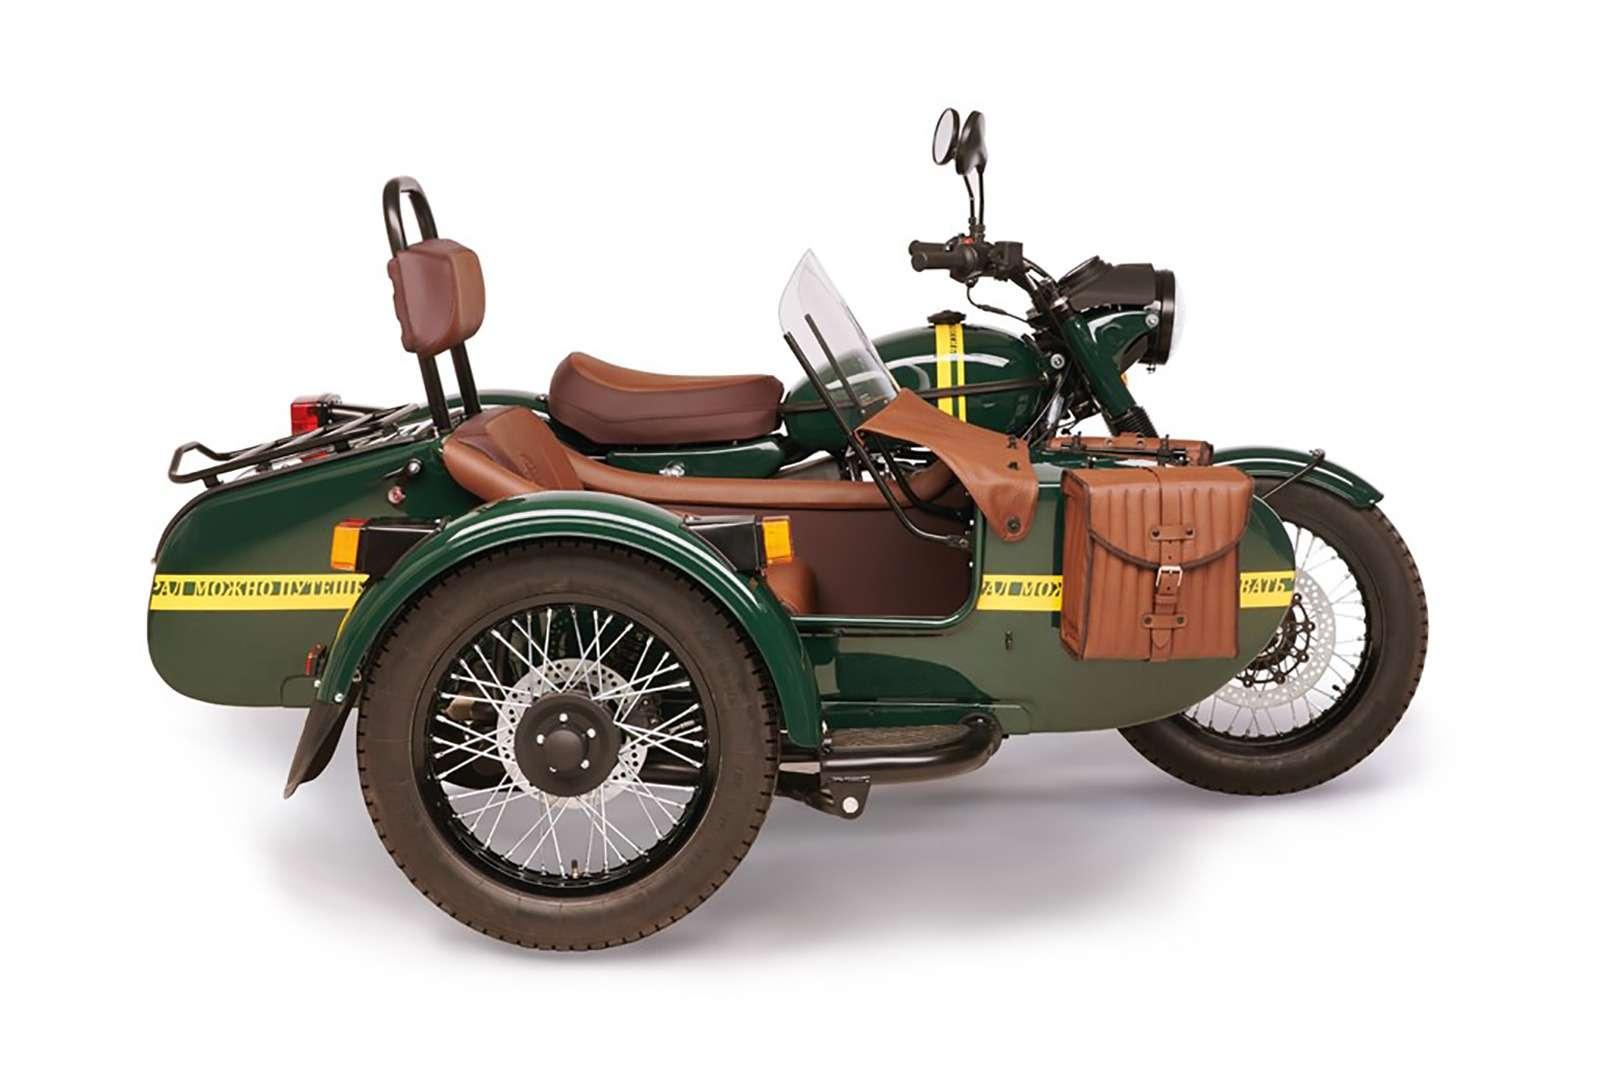 Новая версия мотоцикла Урал: теперь сканистрой водки— фото 911065